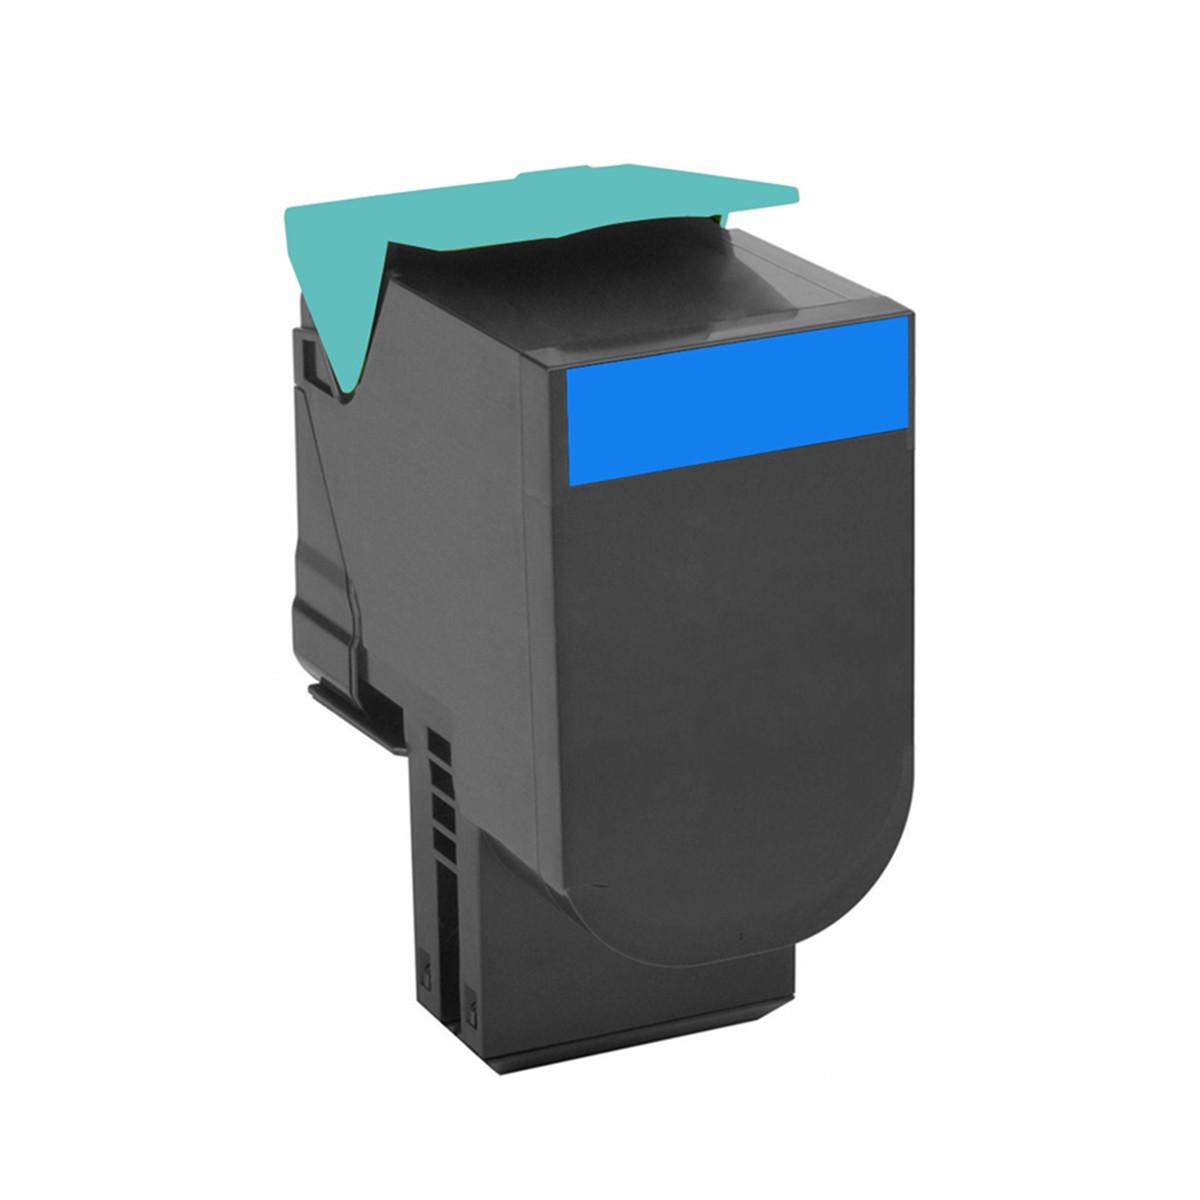 Toner Compatível com Lexmark C54x C540H1CG Ciano C540A X544 X543 X548 C544 C546 C548 | Importado 2k